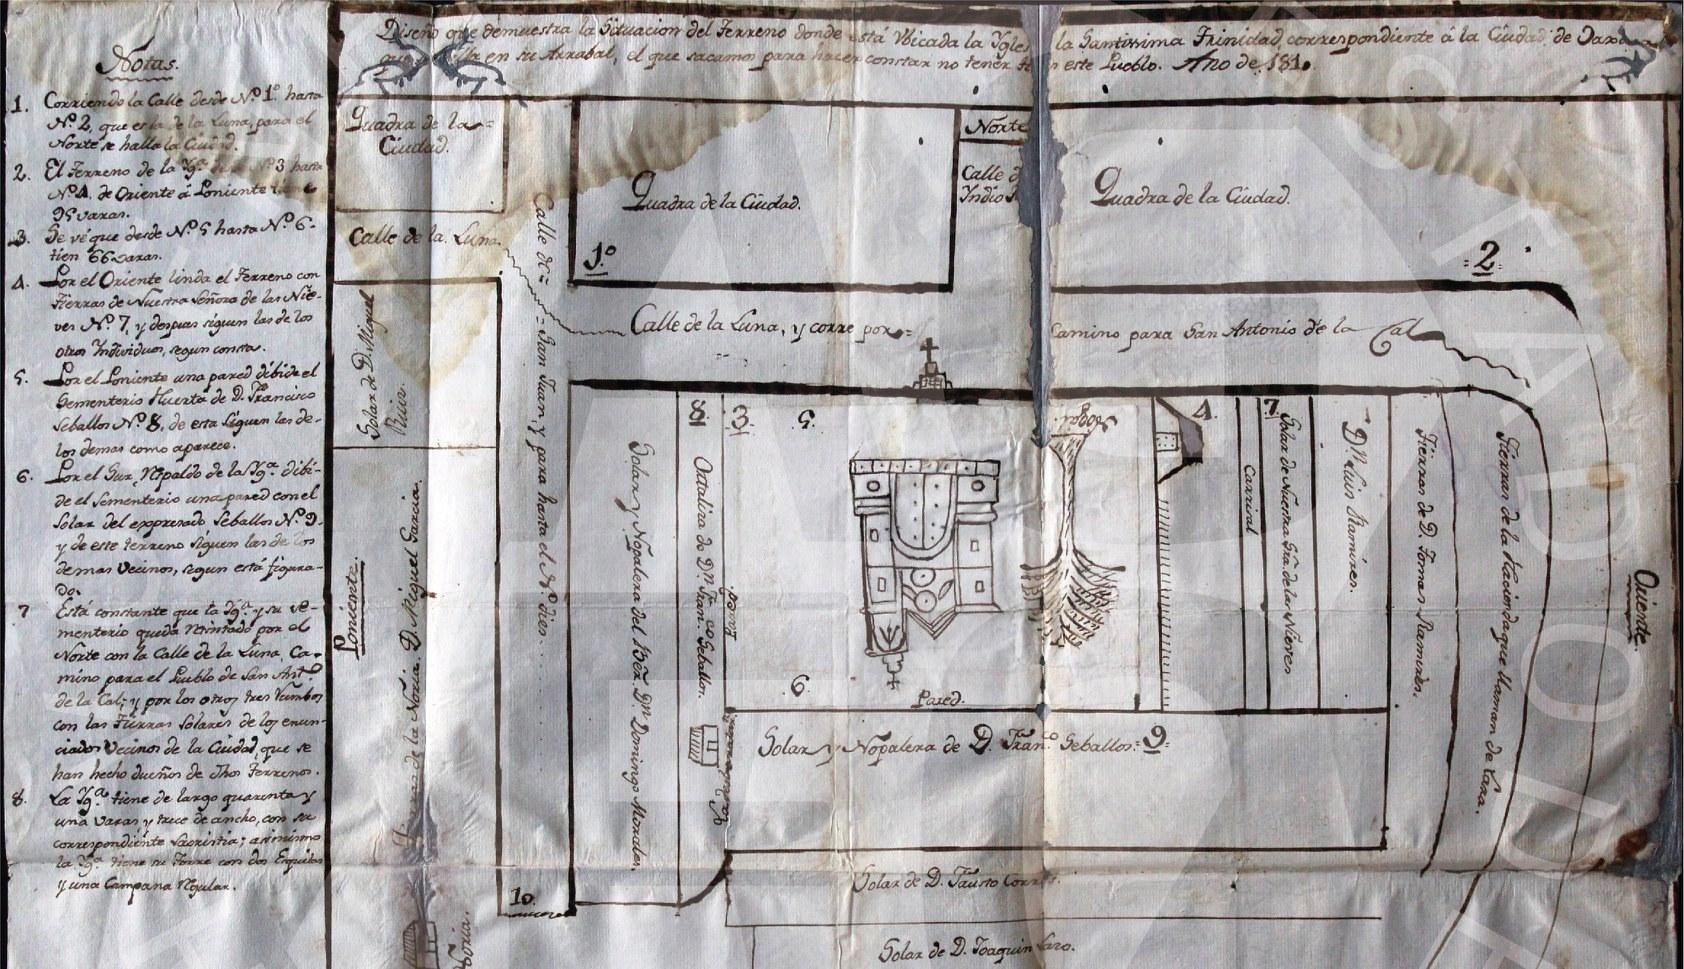 Títulos primordiales y composiciones de tierras